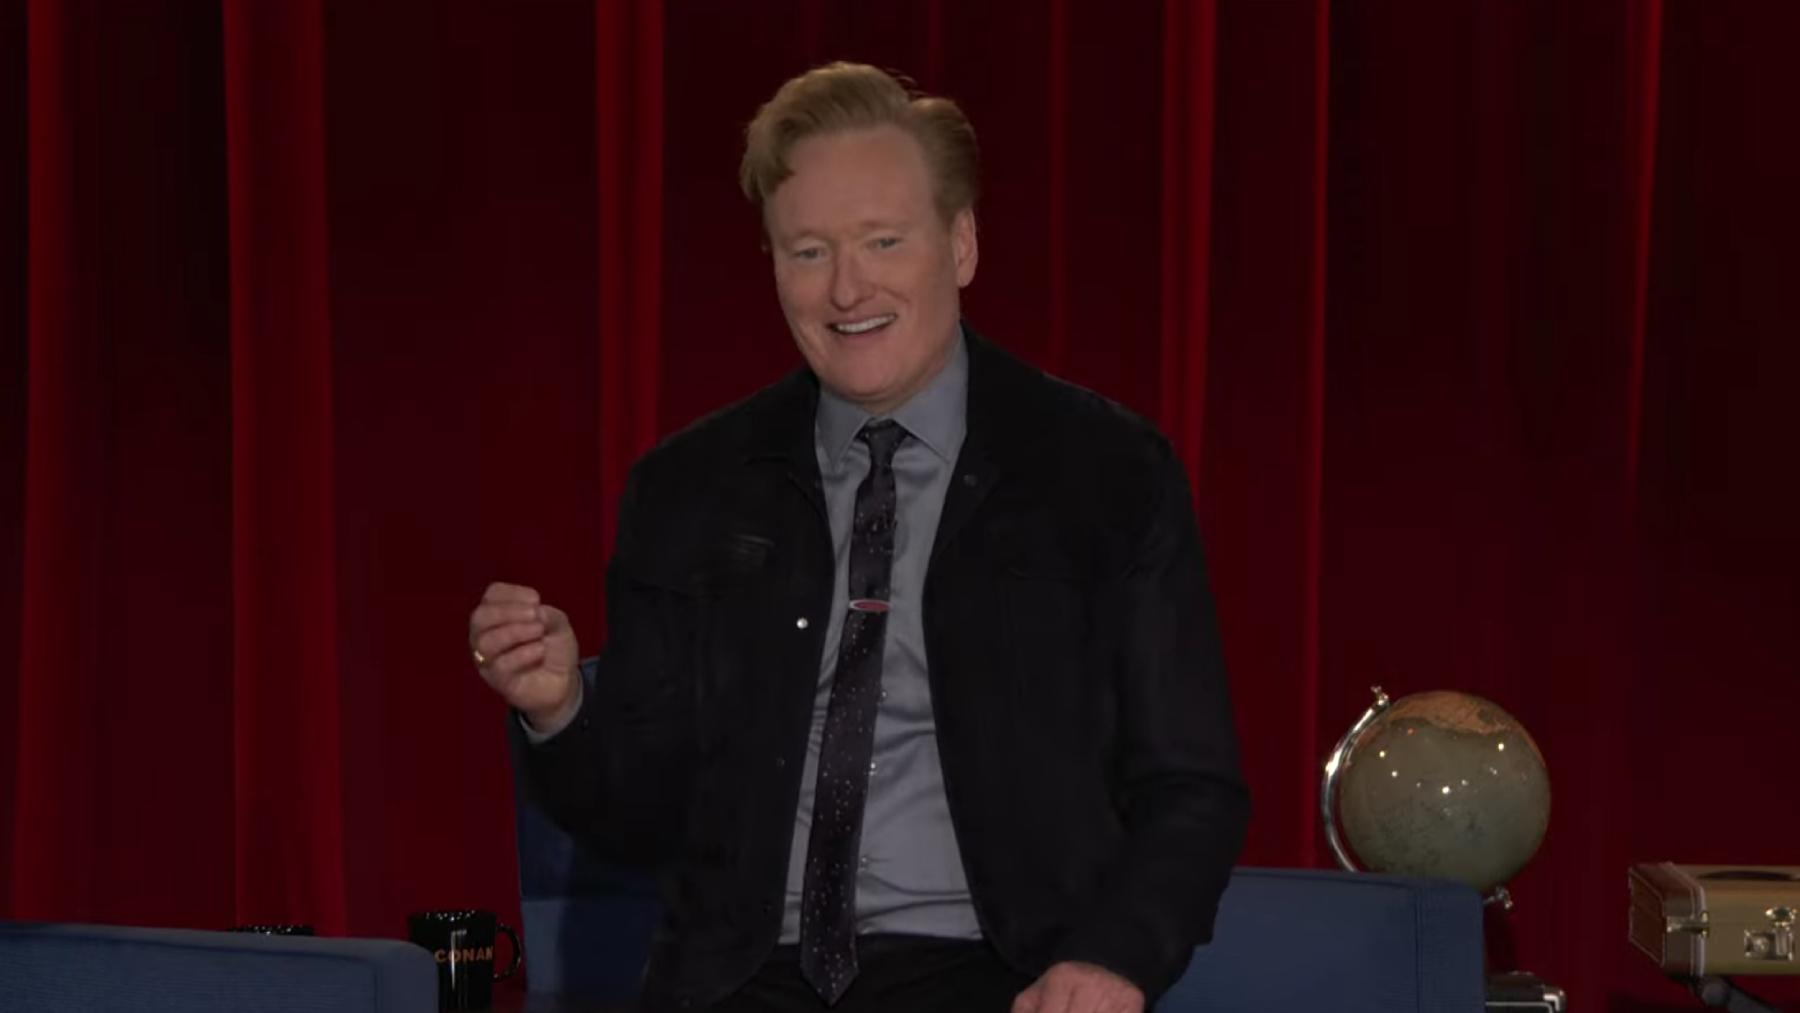 Conan O'Brien reflexiona sobre la alquimia de inteligente y estúpido en el último programa nocturno